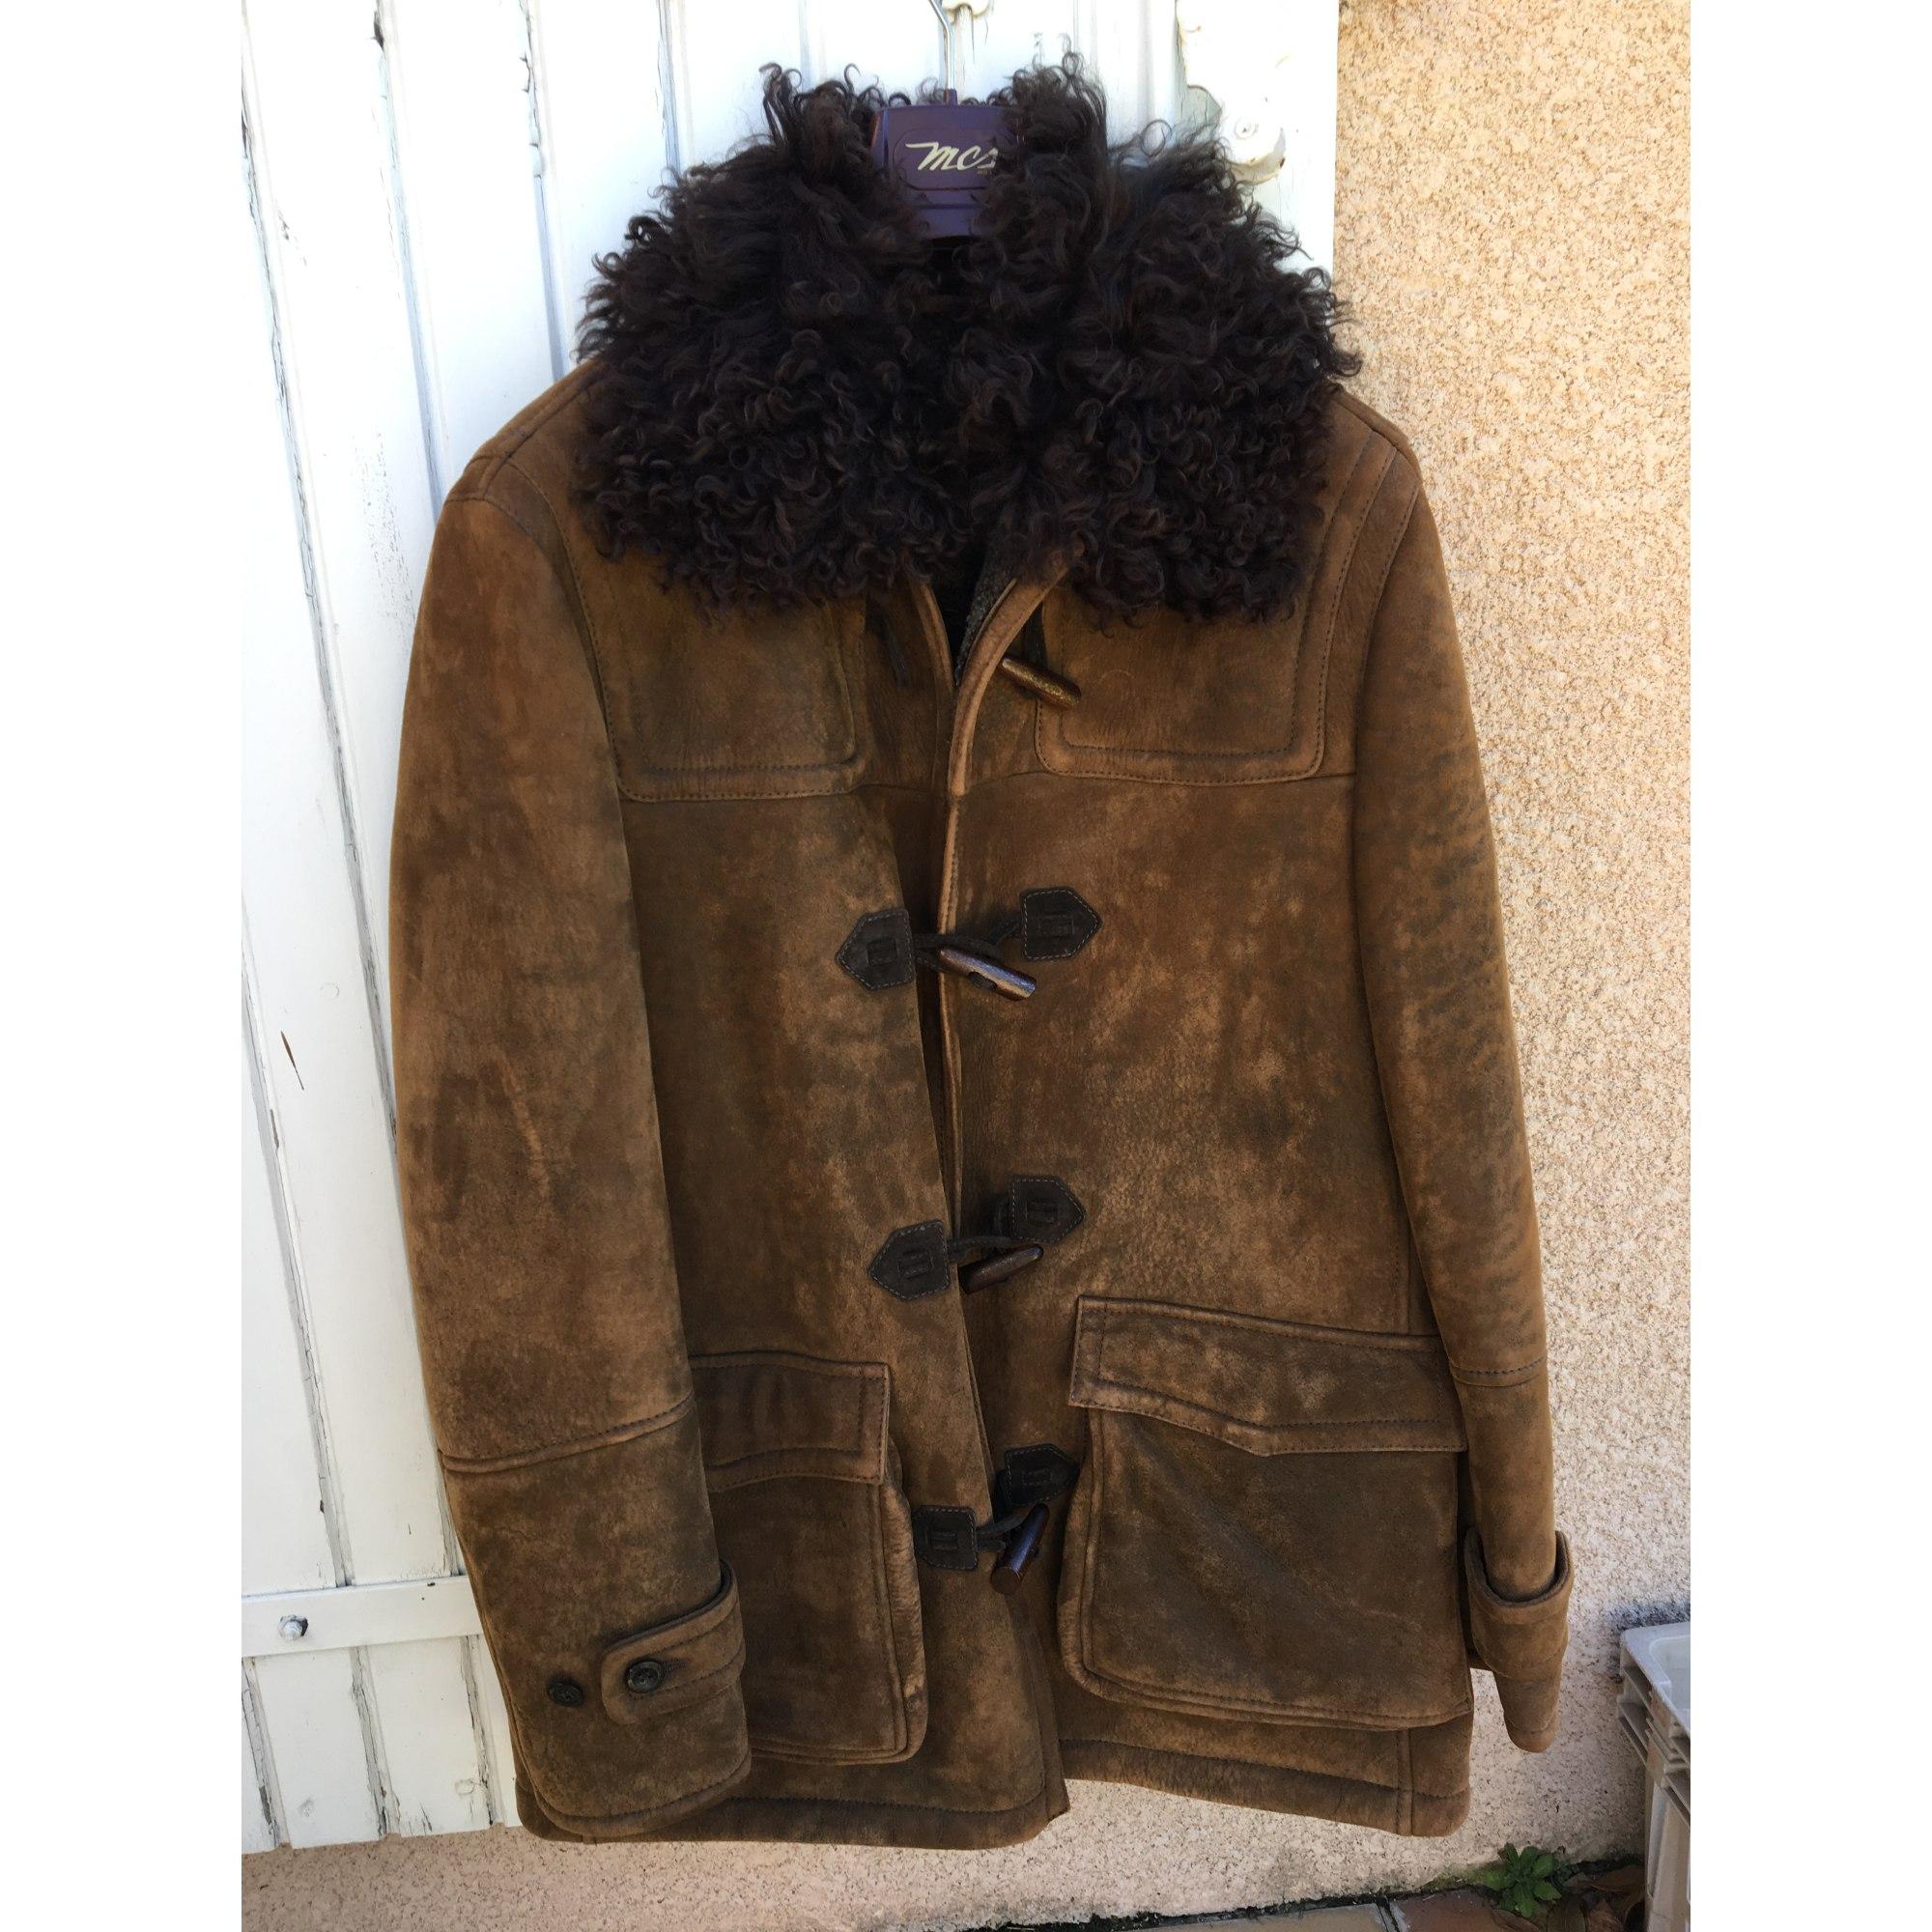 manteau manteau marlboro femme manteau marlboro femme manteau marlboro femme femme marlboro marlboro manteau femme H9YWED2I